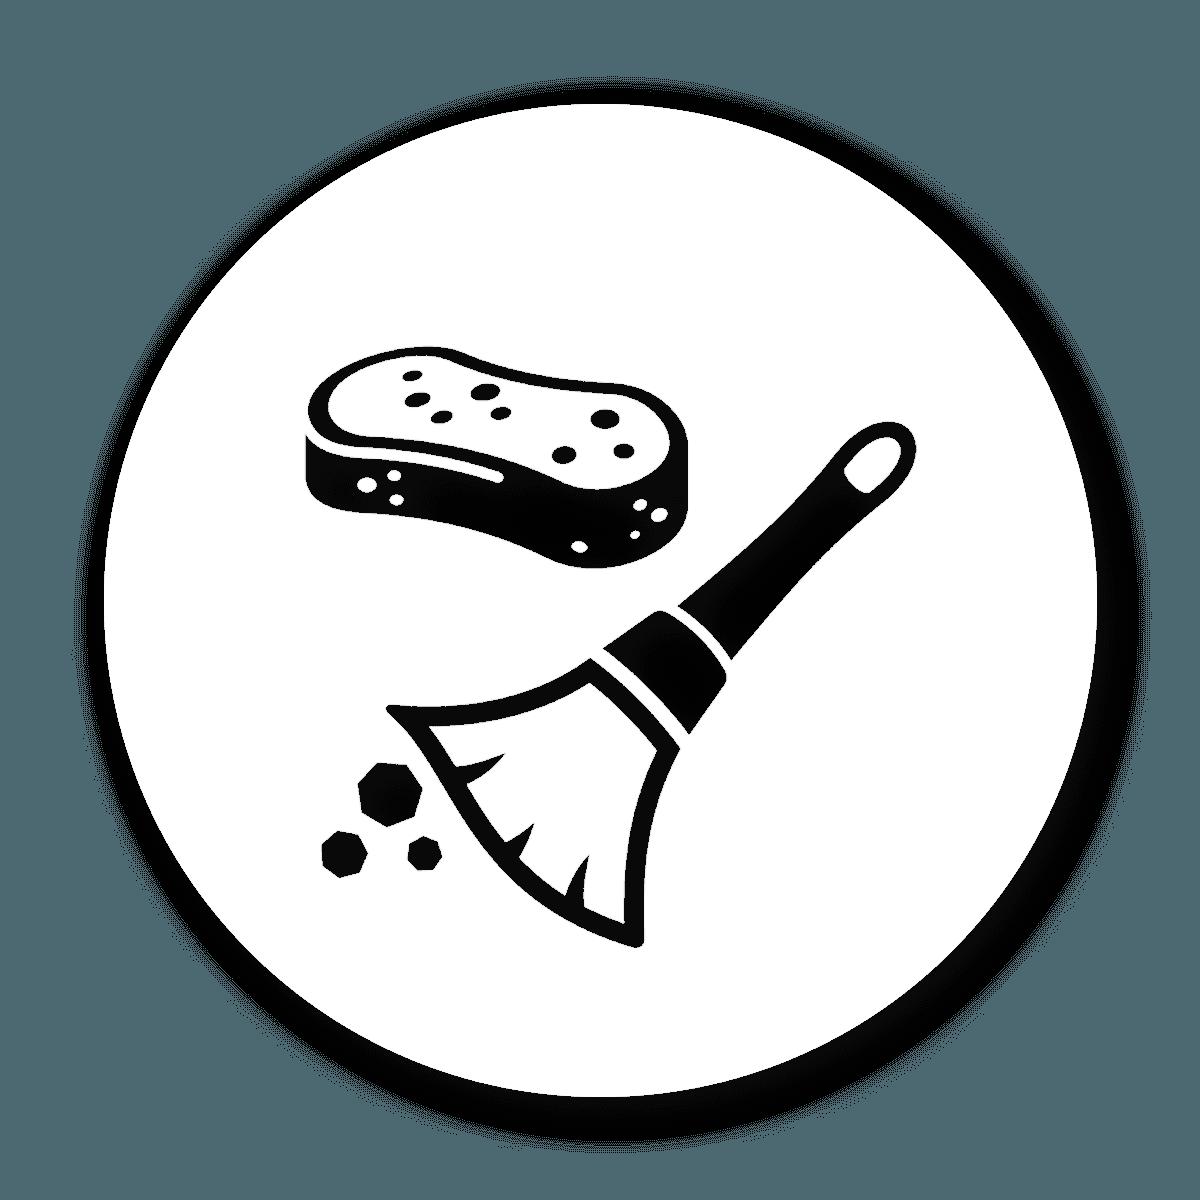 slice lemon icon